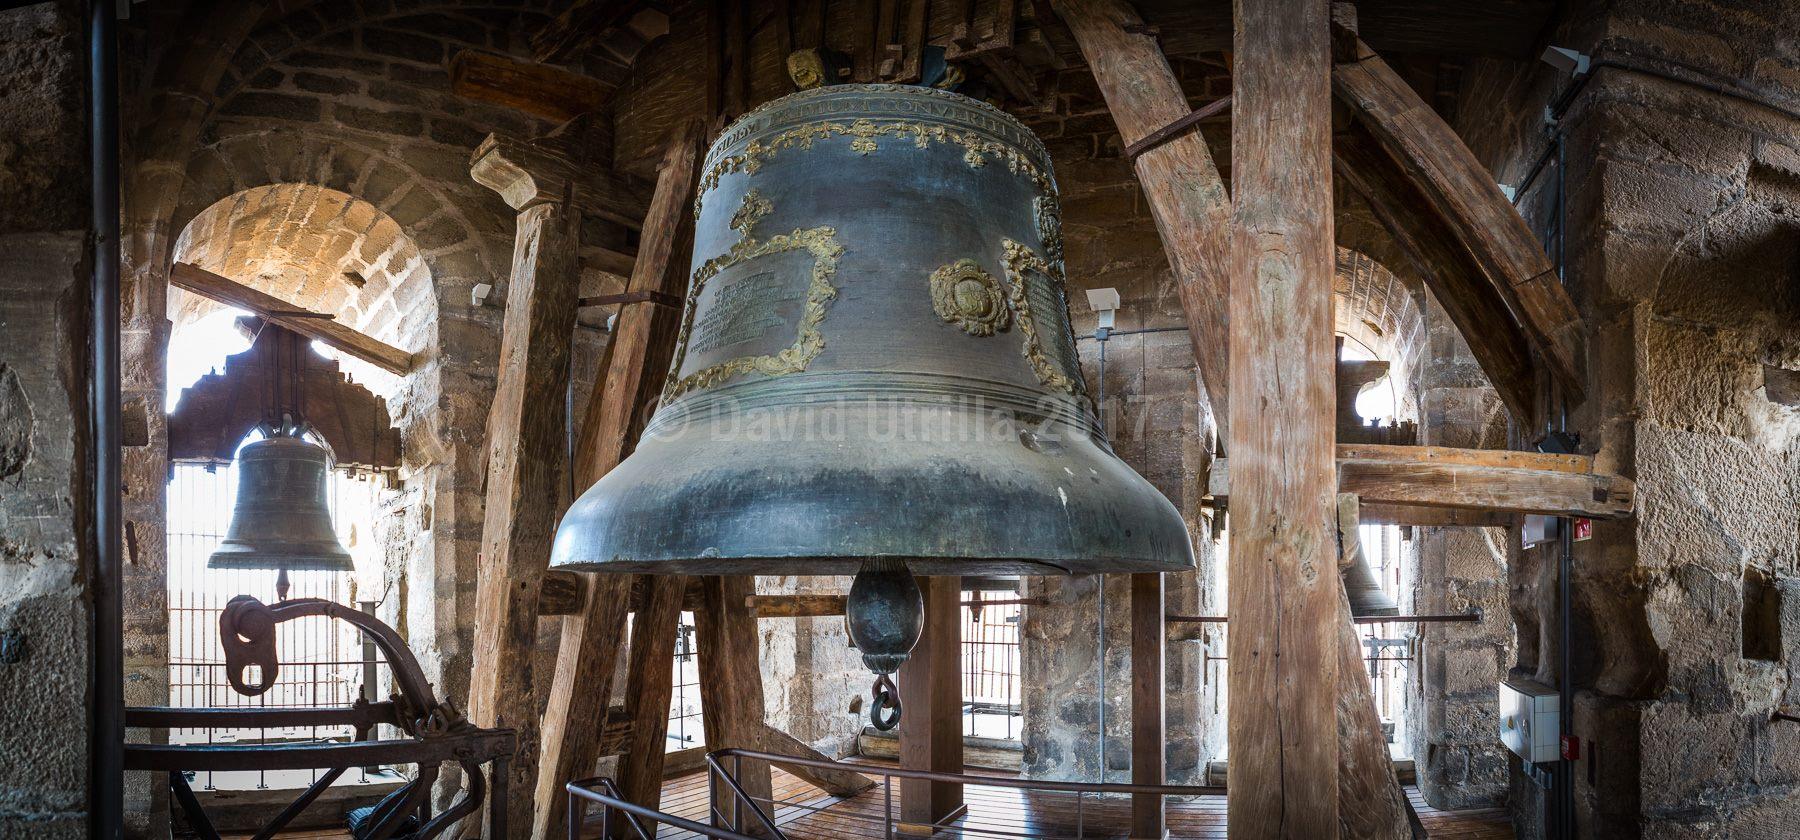 Campana Gorda de la Catedral de Toledo por David Utrilla